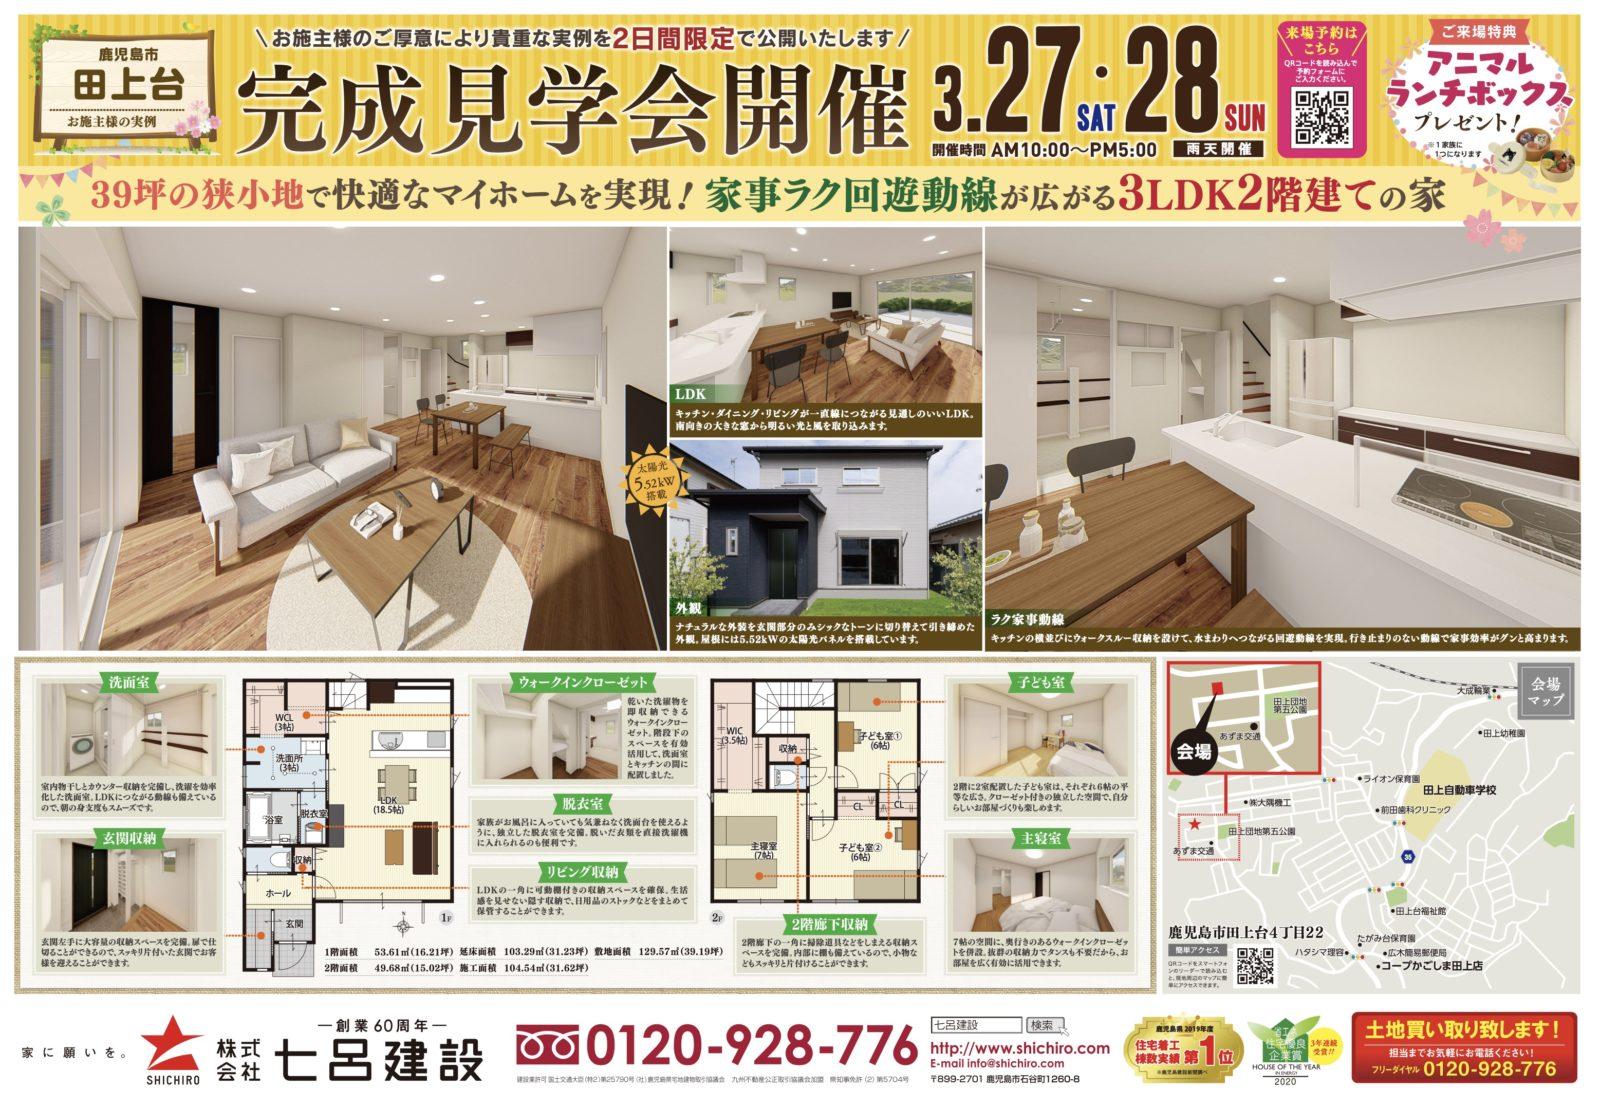 鹿児島市田上台で完成見学会 39坪の狭小地で快適なマイホームを実現!